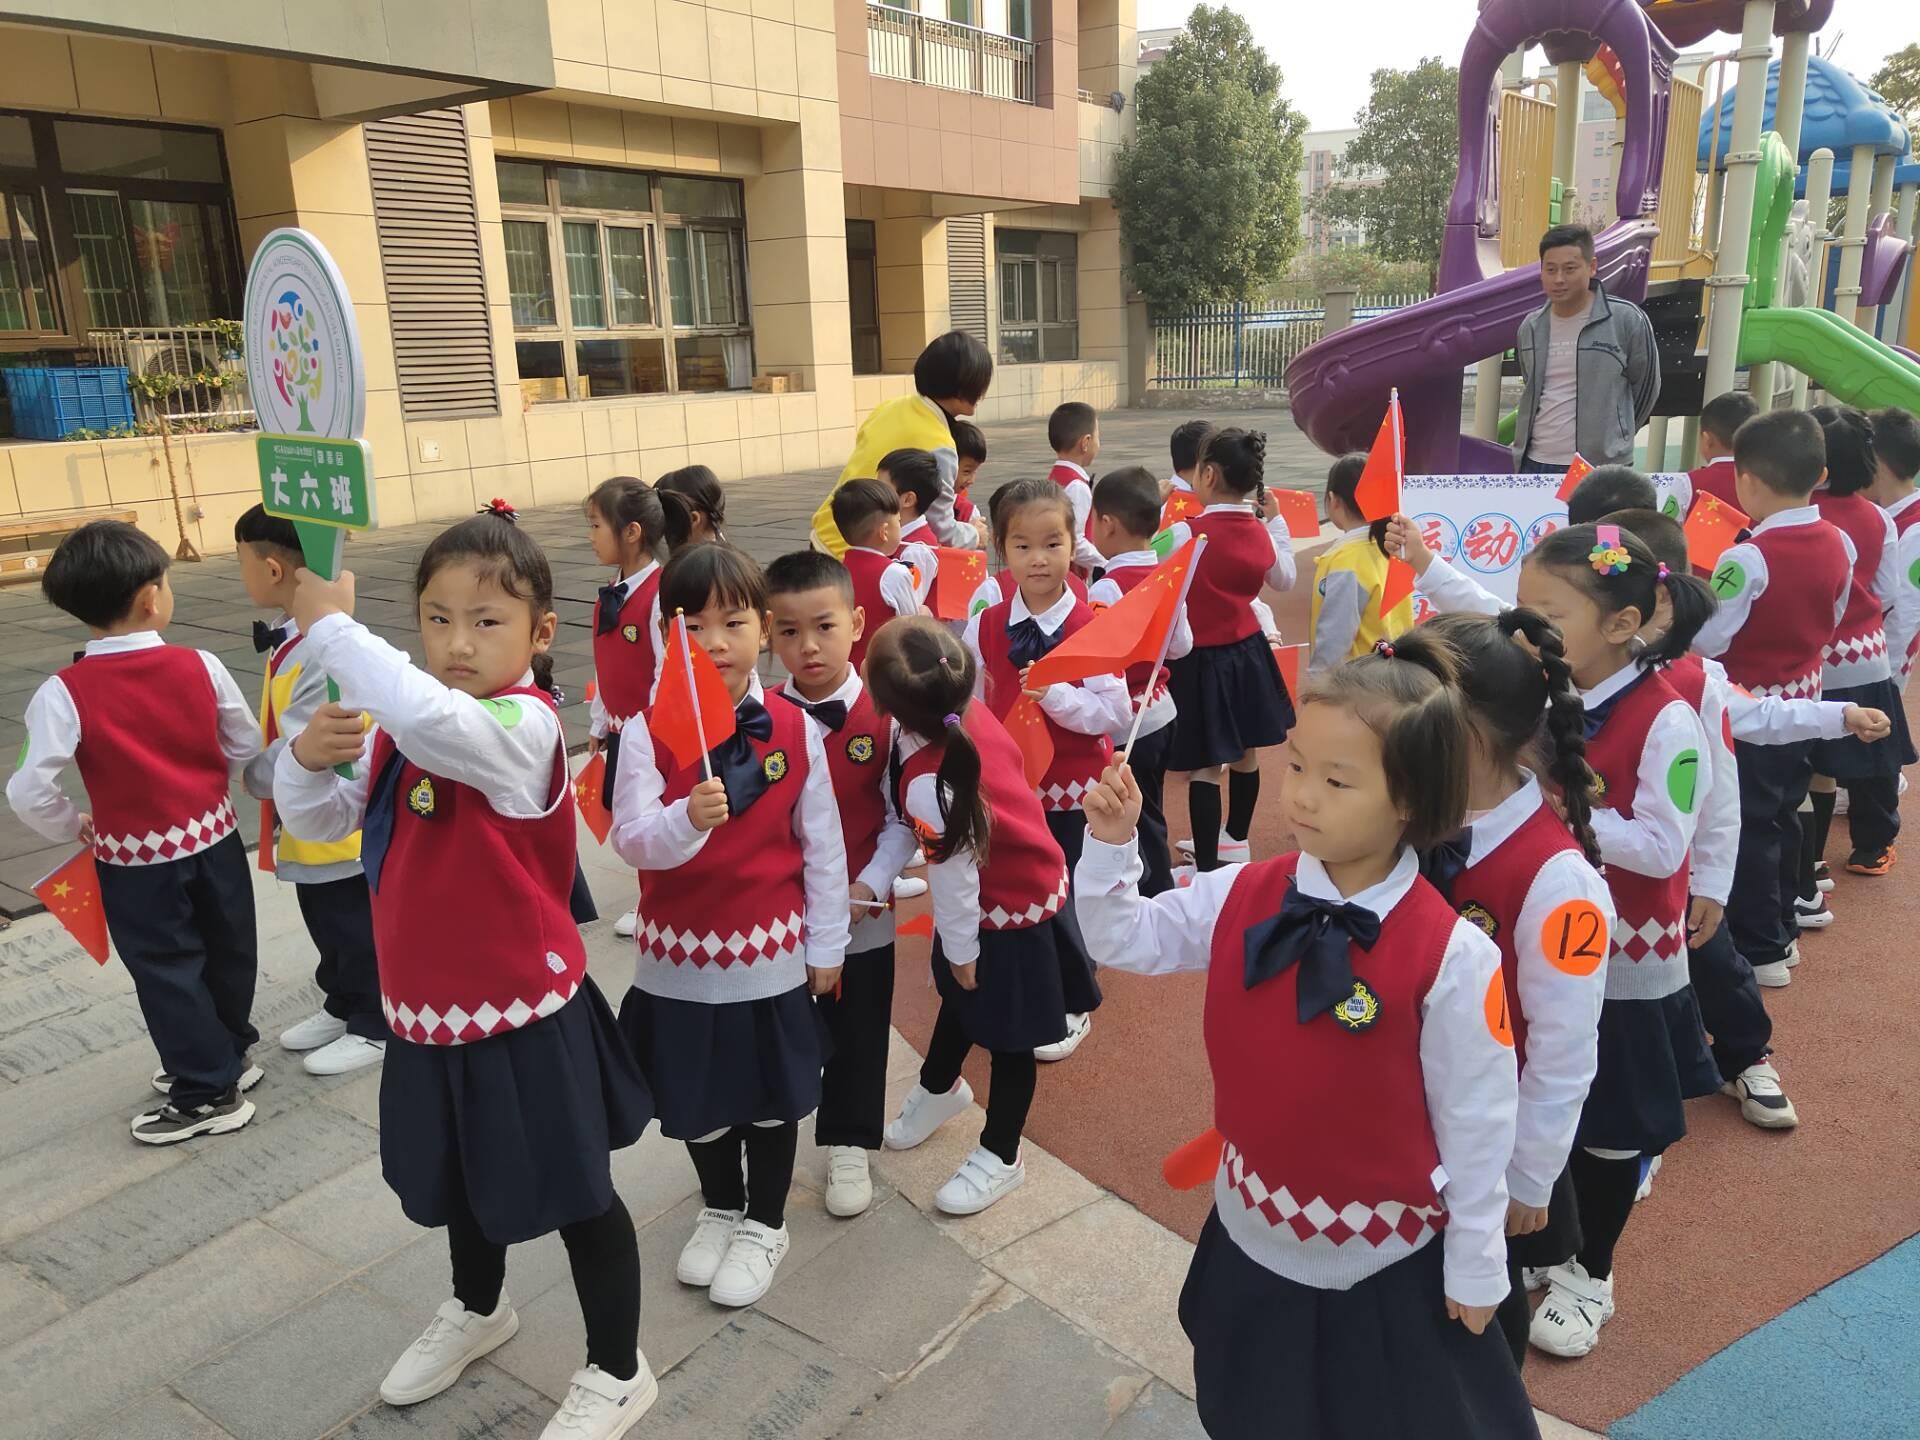 幼儿园向前冲晨操_肥东县实验幼儿园——快乐运动,健康成长